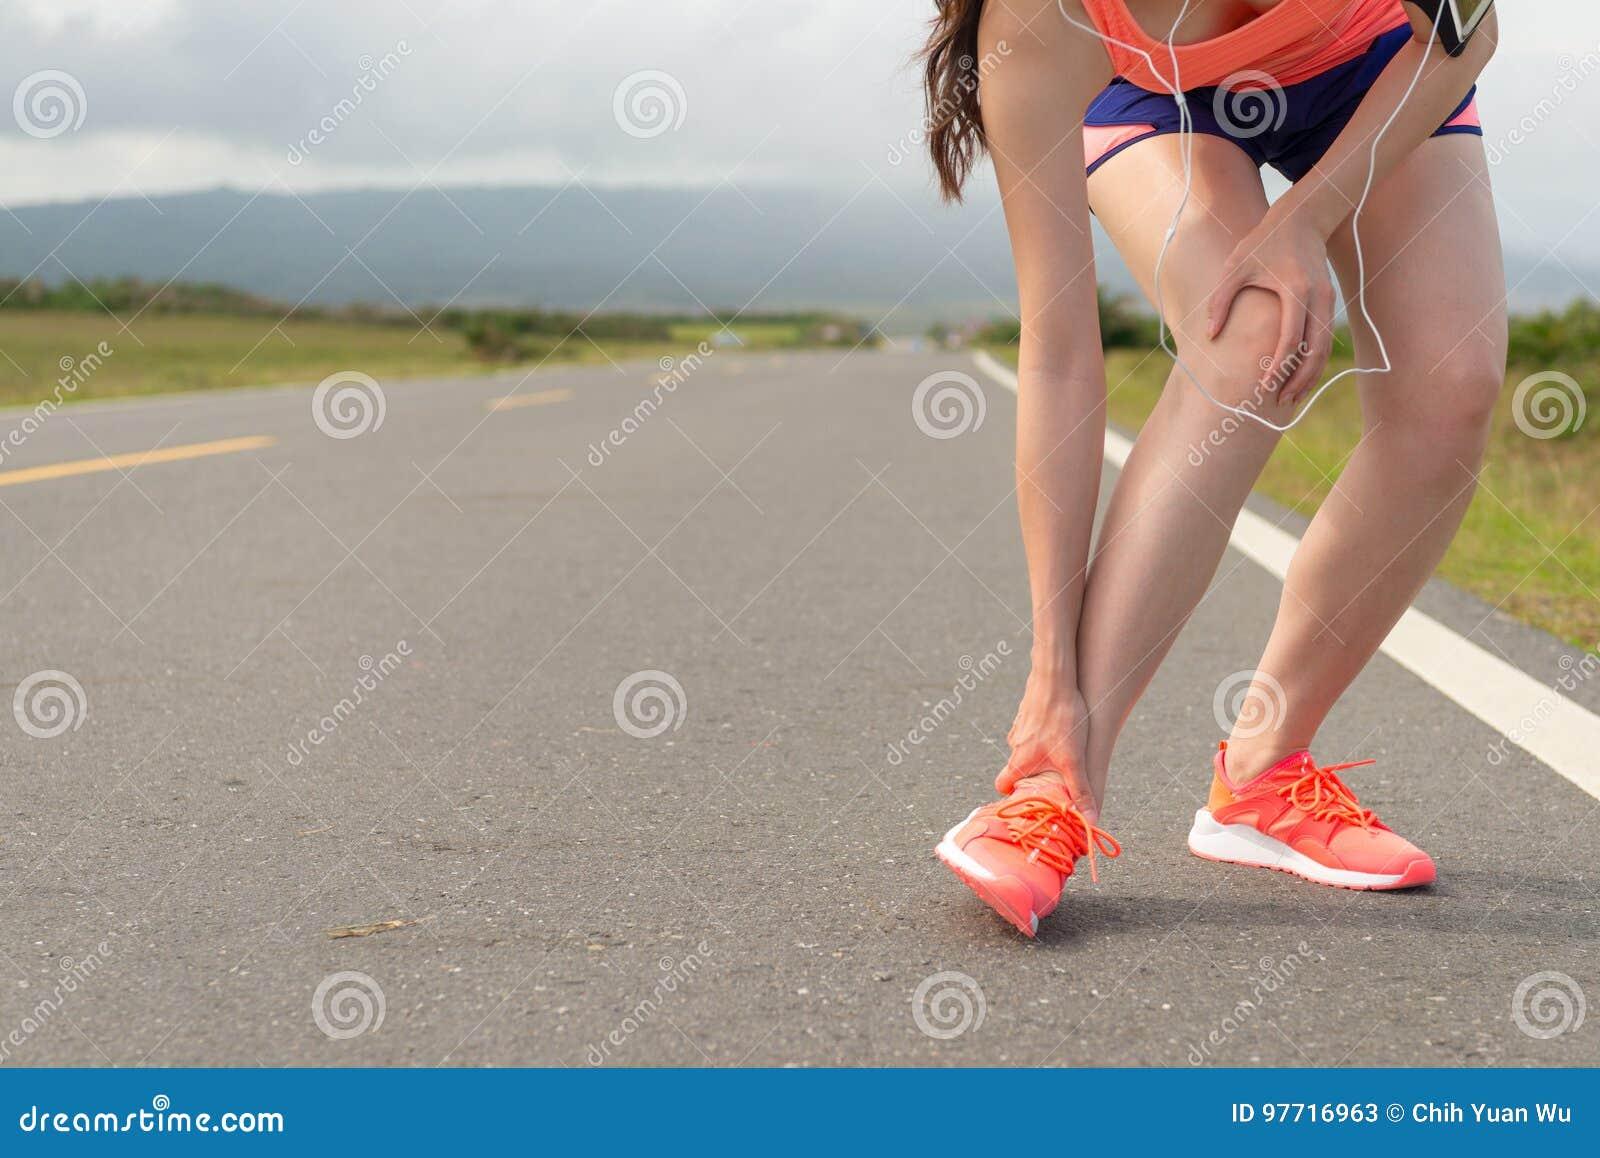 Ankelskada för kvinnlig idrottsman nen, när köra på vägen